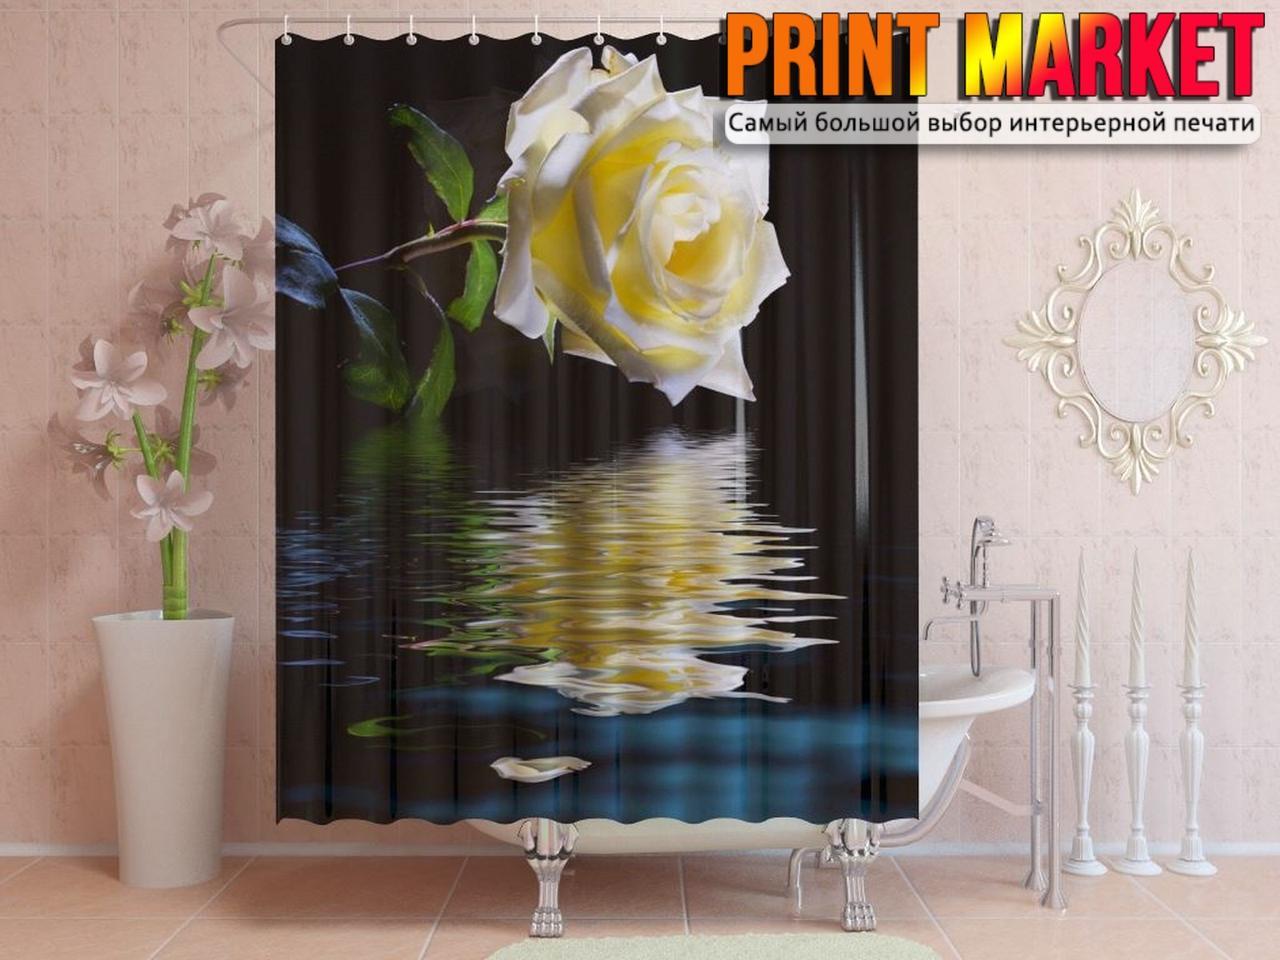 Шторы для ванной роза над водой